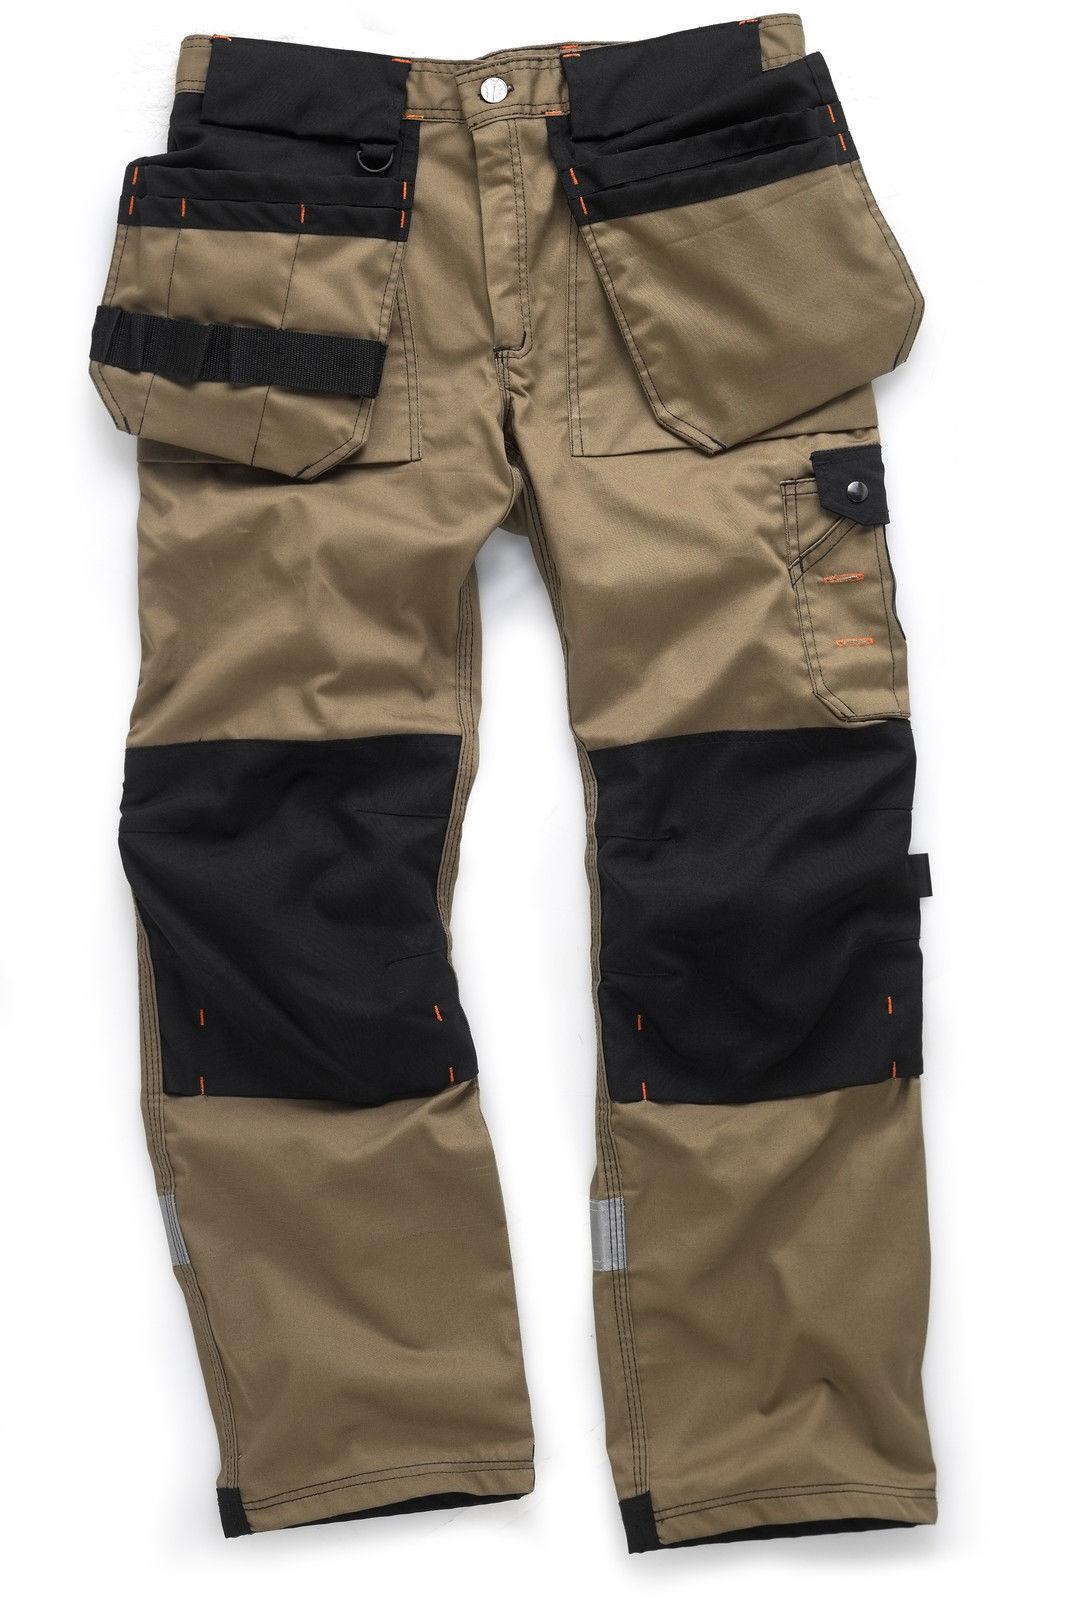 Heavy Duty Blue Castle-personal Pantalones-Workwear combate acción